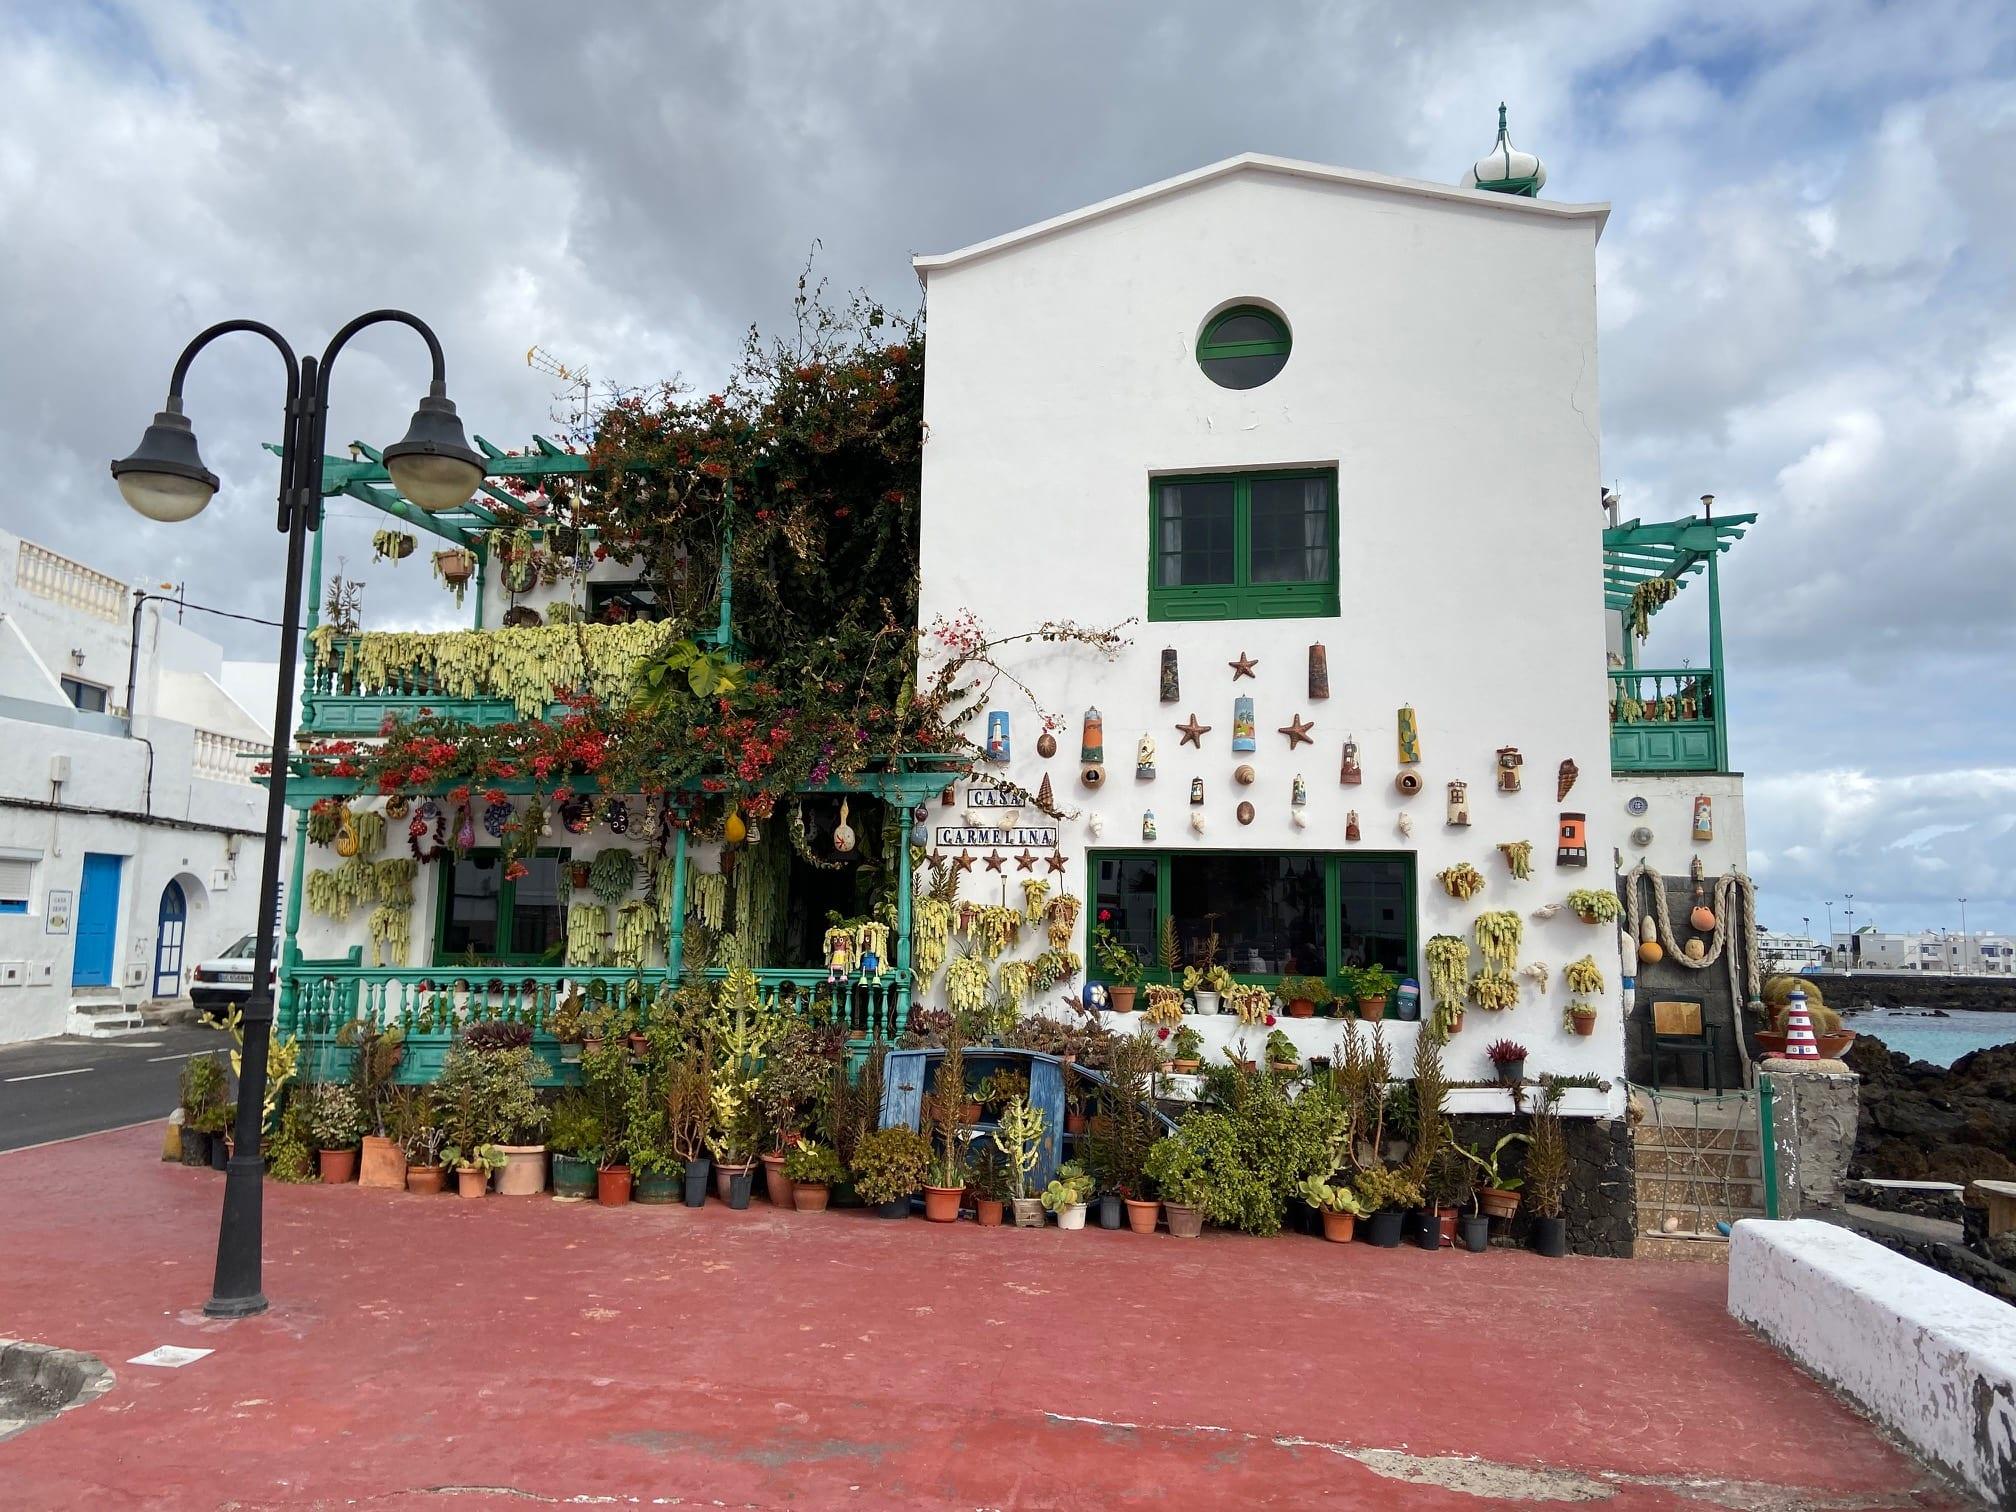 Casa Carmelina, a blithe spirit